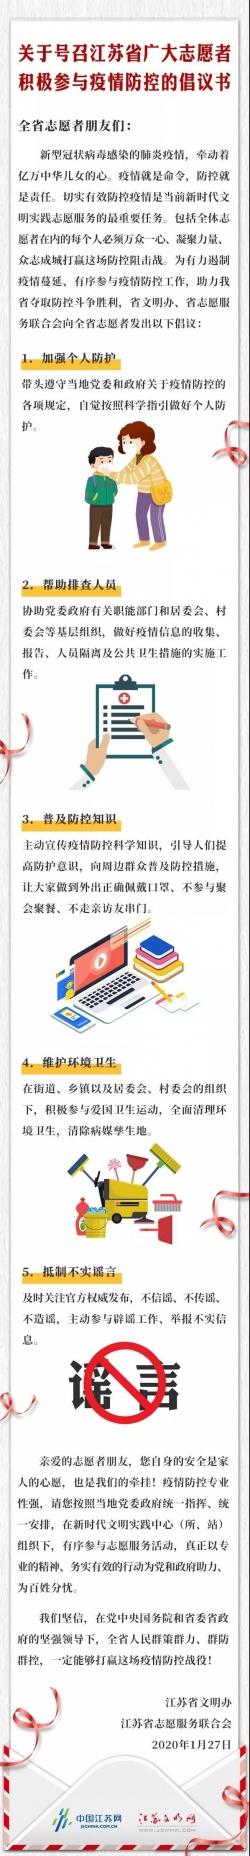 关于号召江苏省广大志愿者积极参与疫情防控的倡议书